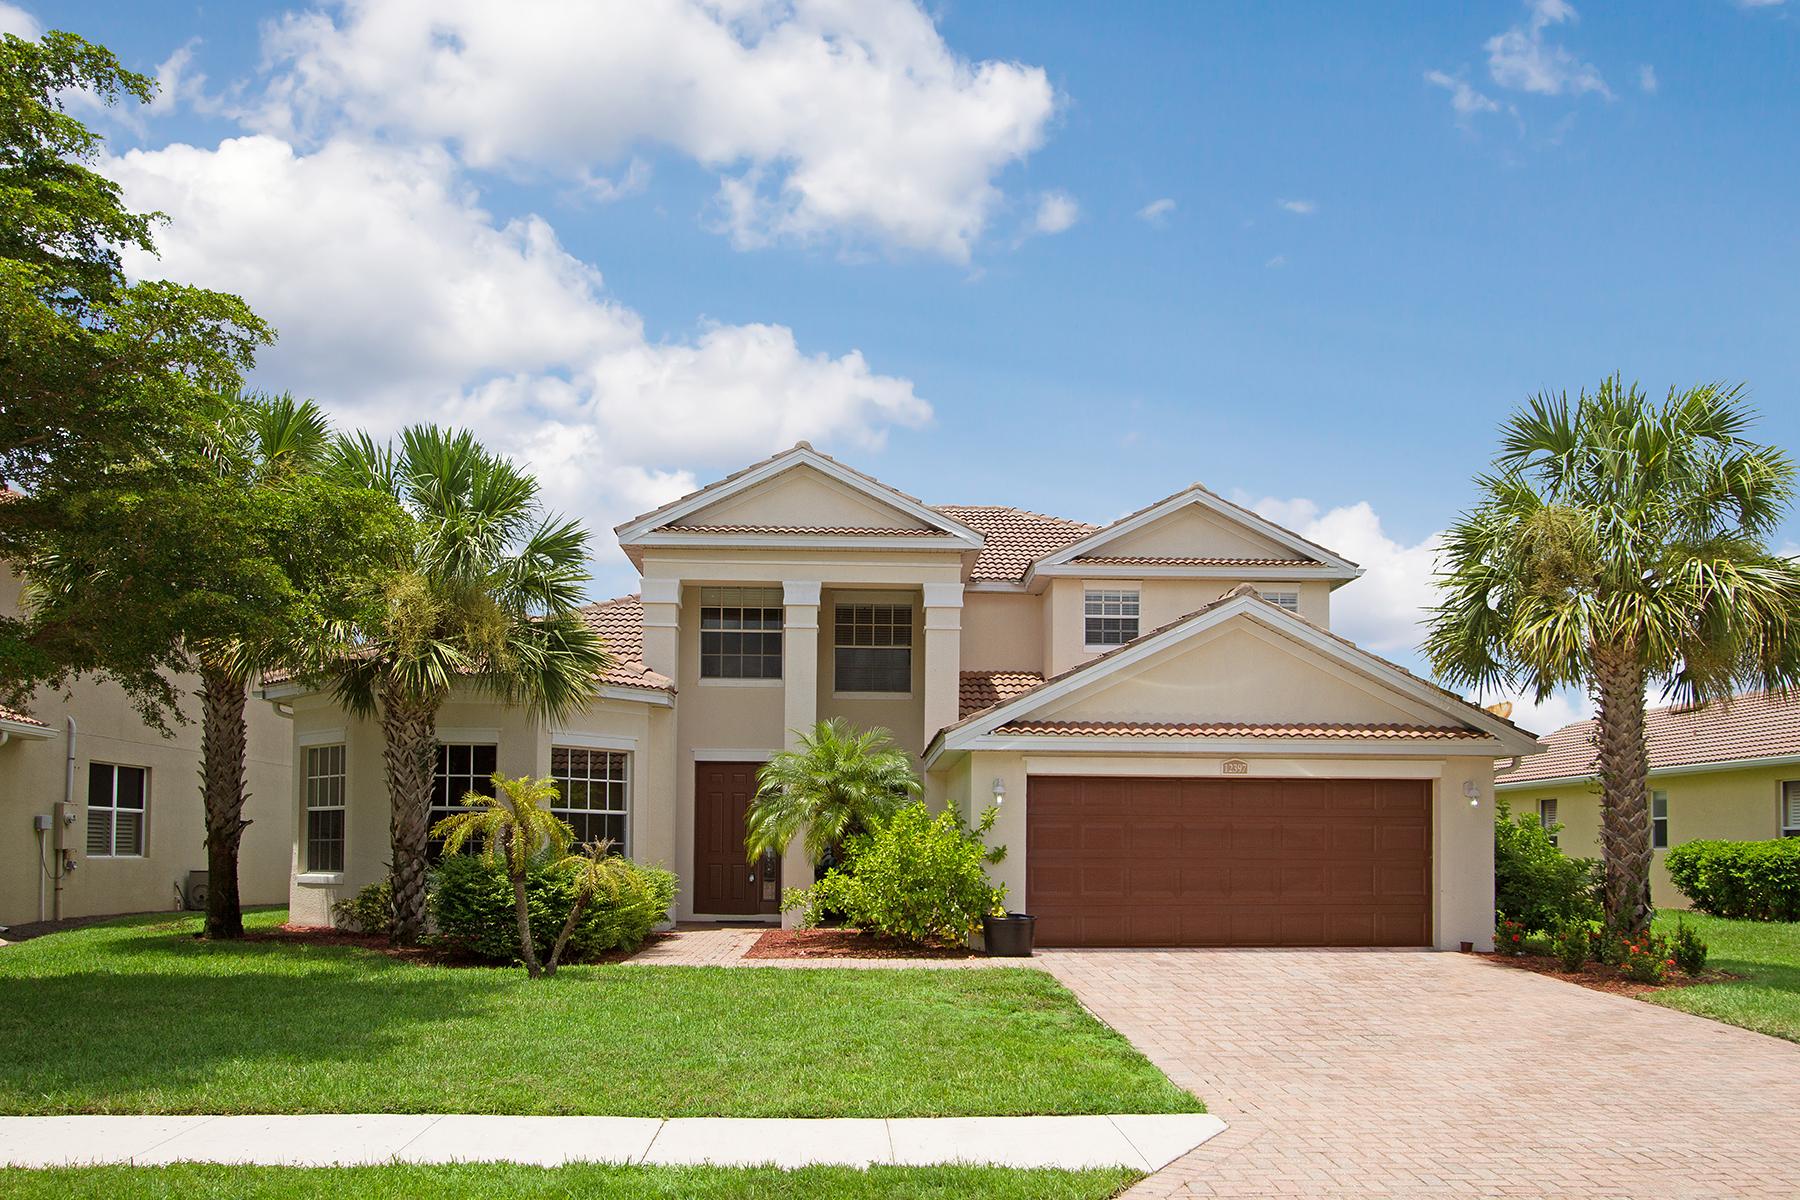 Tek Ailelik Ev için Satış at GATEWAY - STONEYBROOK 12397 Rock Ridge Ln Fort Myers, Florida, 33913 Amerika Birleşik Devletleri